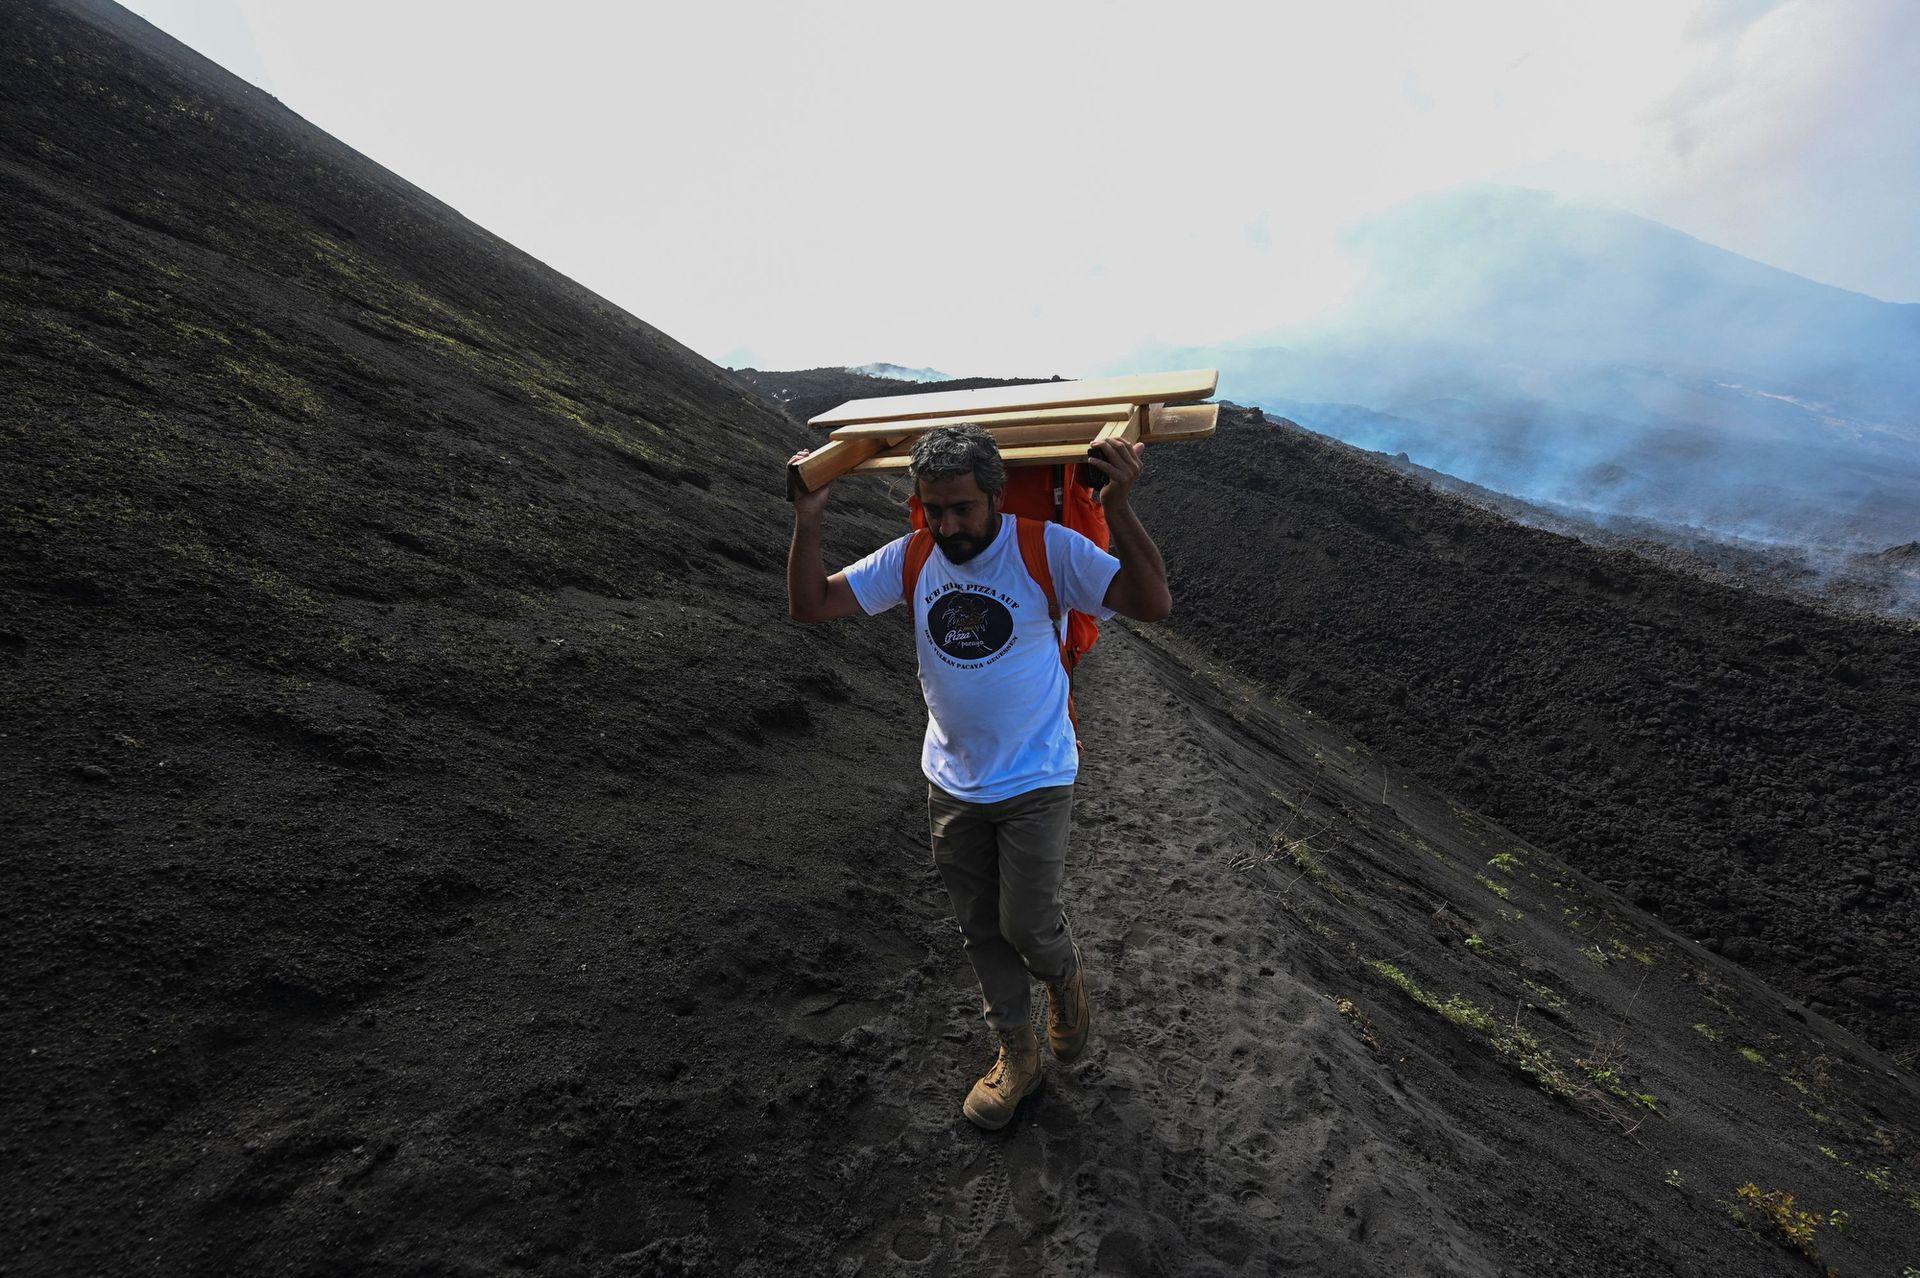 Una vez terminada la jornada laboral, David García pliega su improvisada cocina y emprende el descenso del volcán